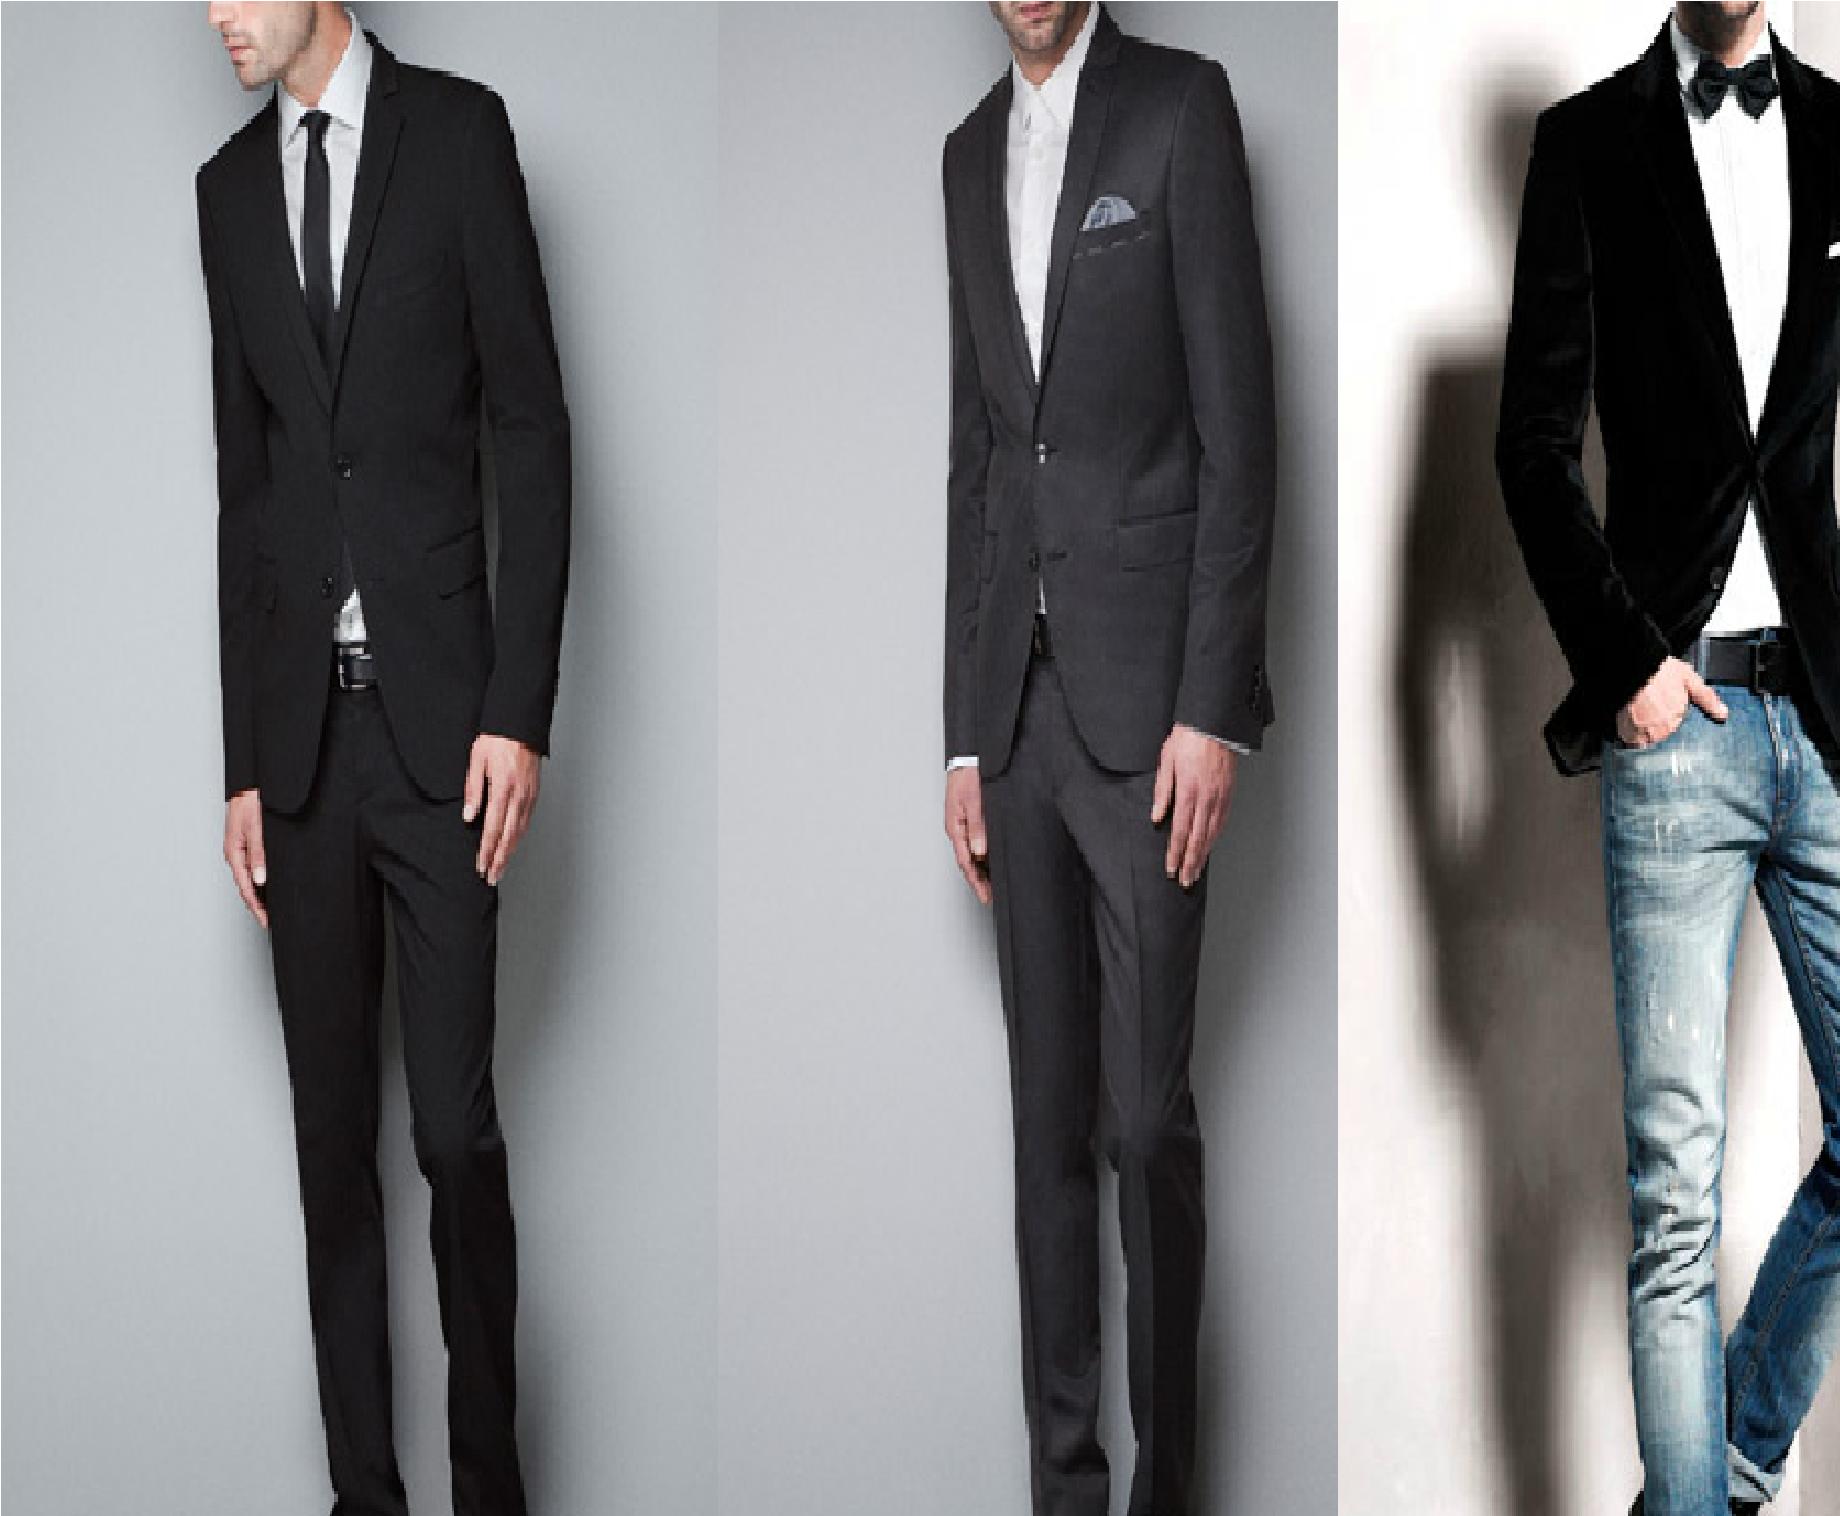 e7451b26fc855 Tips para vestir de gala.... Con respecto a los trajes de gala para